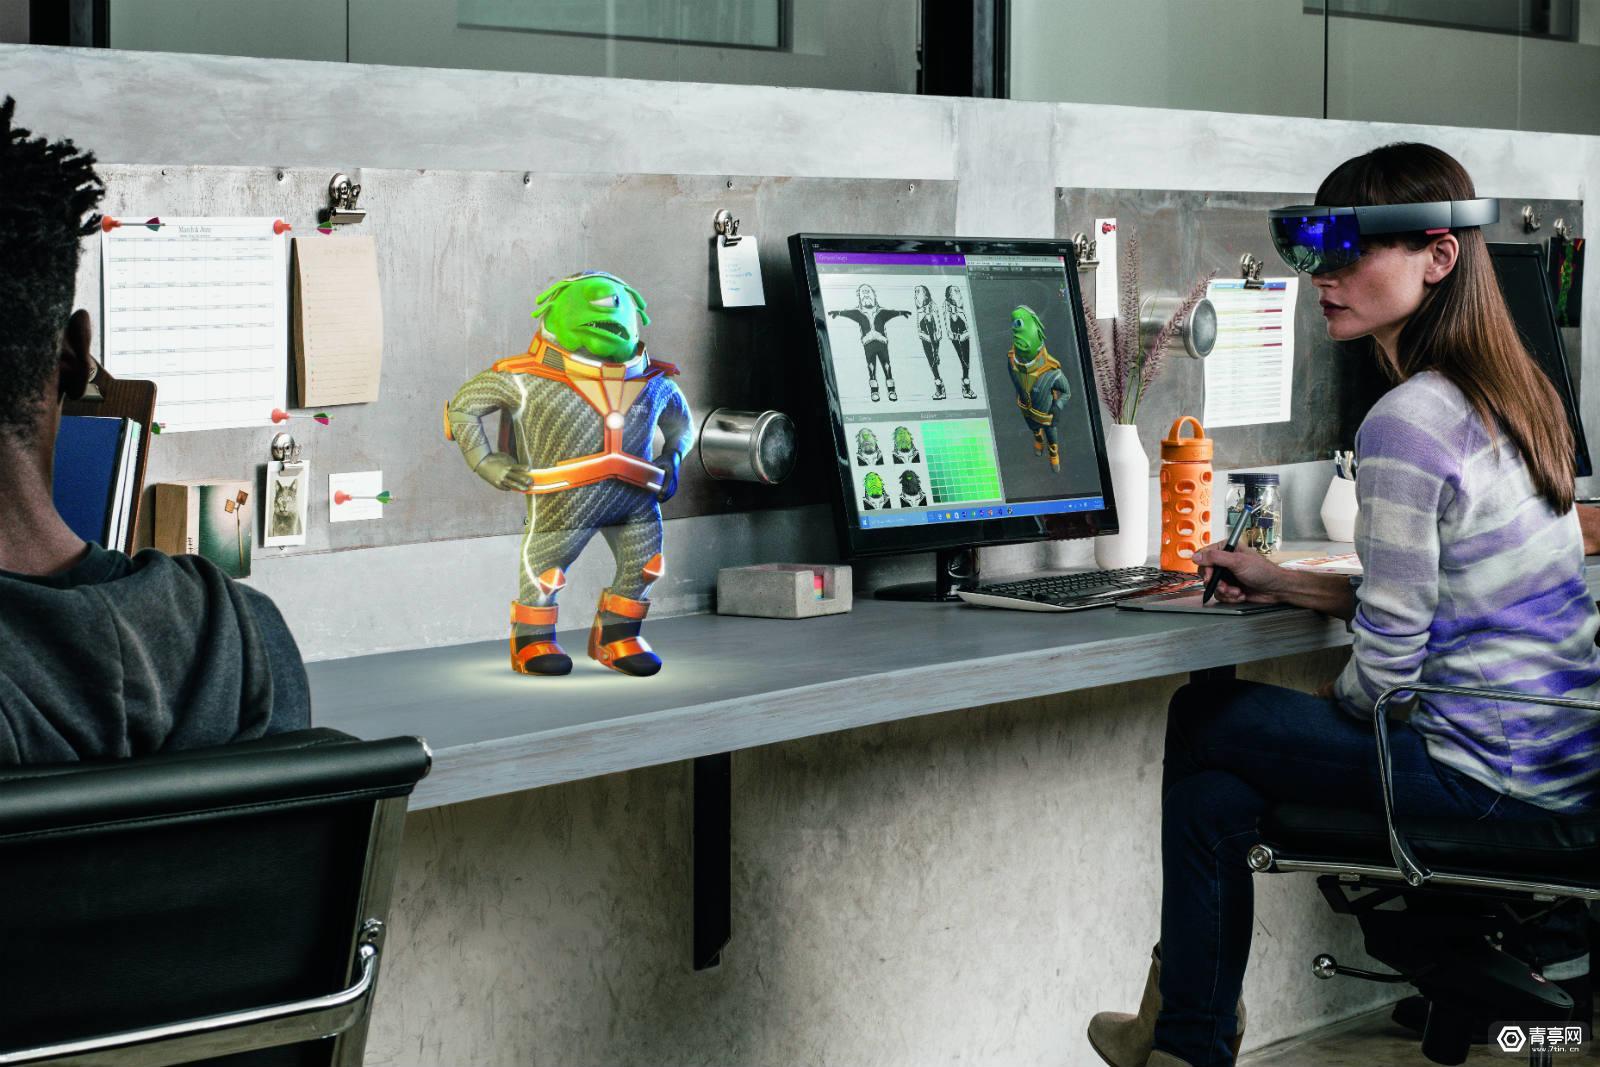 微软因HoloLens涉嫌全息图像技术专利侵权受到起诉